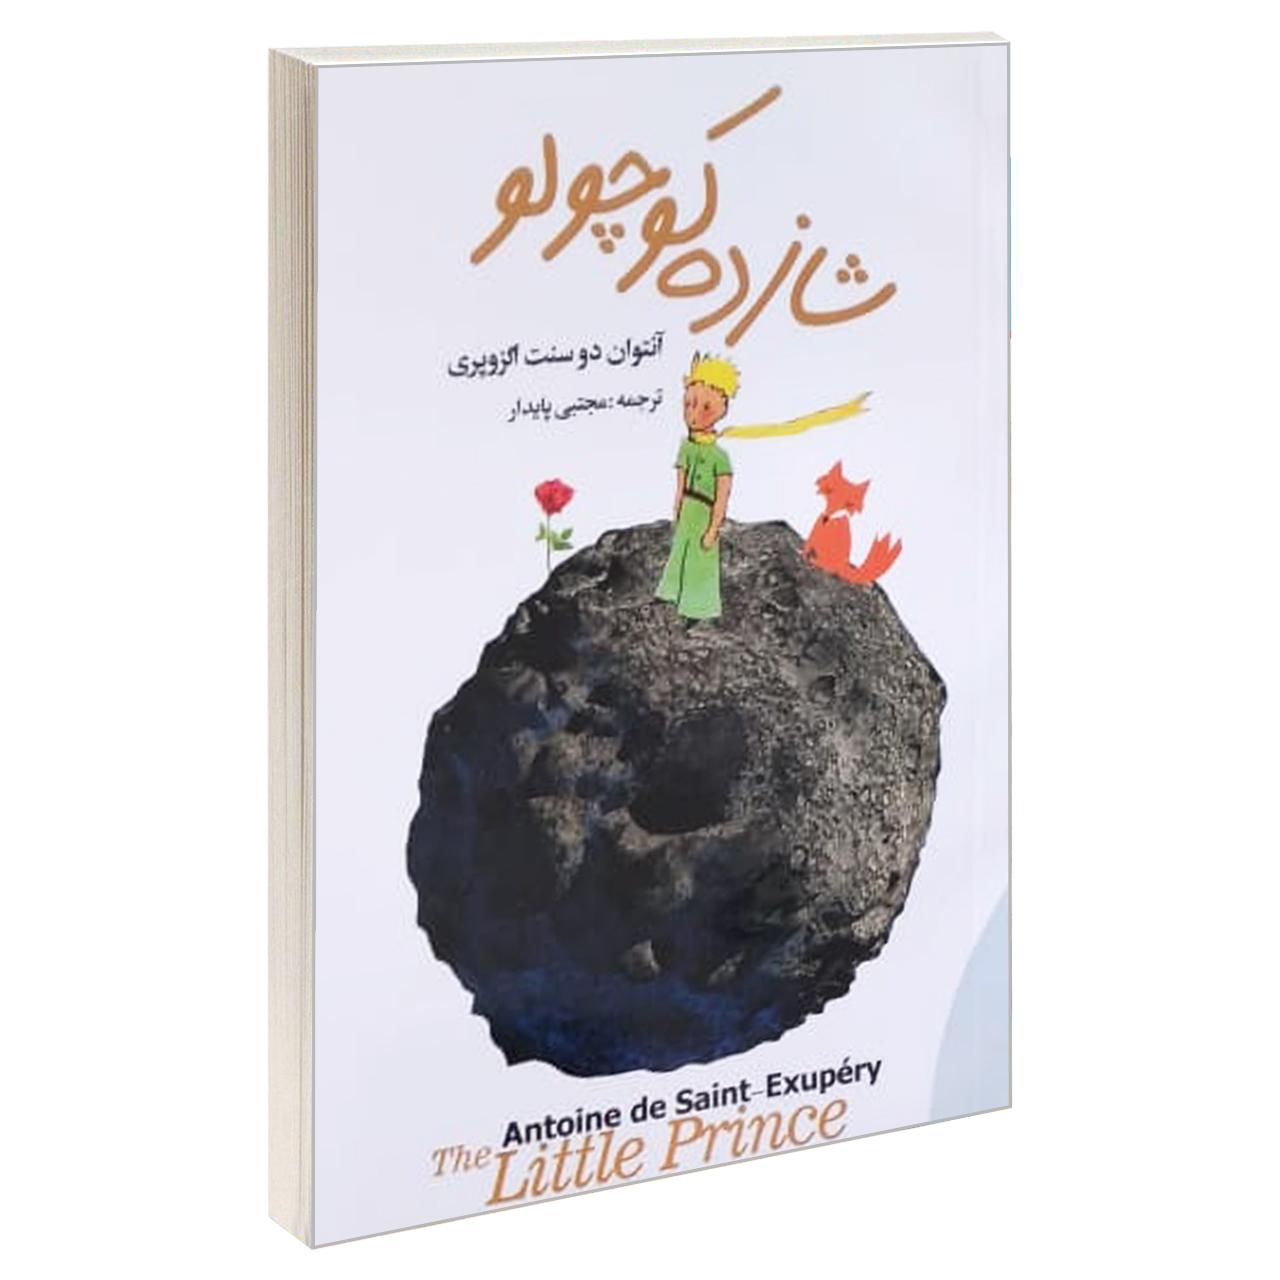 خرید                      کتاب شازده کوچولو اثر آنتوان دو سنت اگزوپری انتشارات سالار الموتی